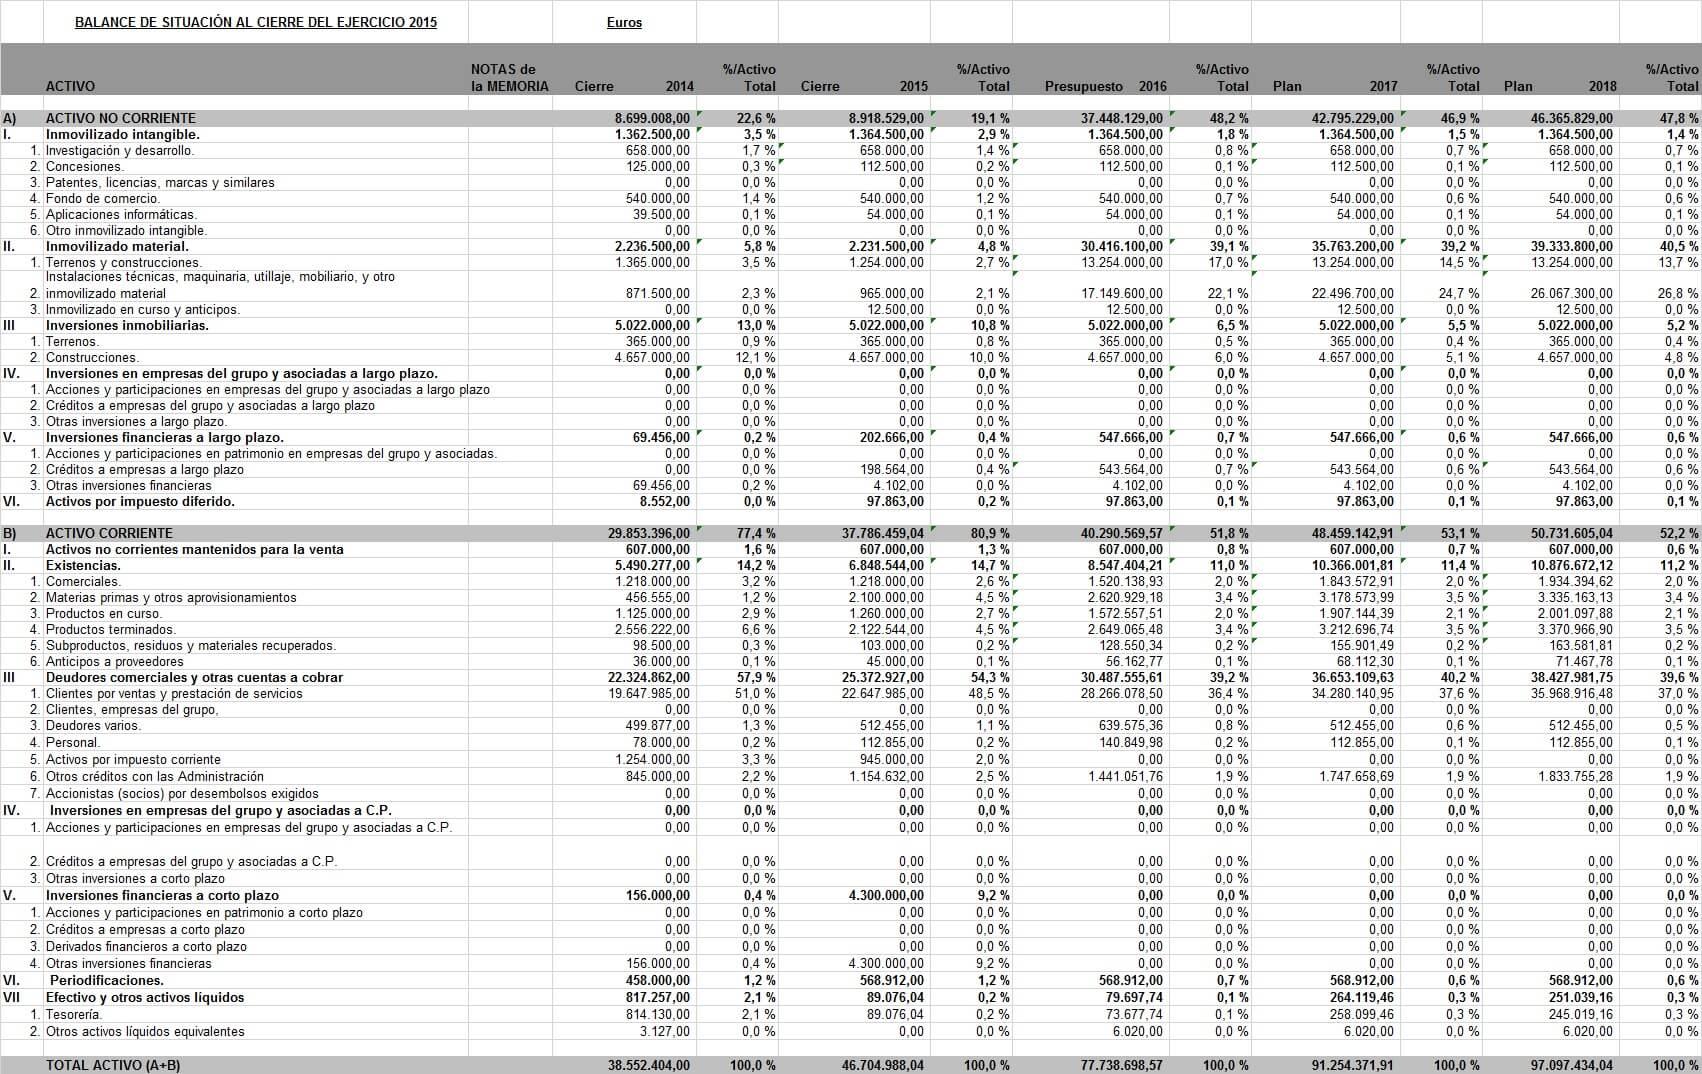 Hoja de cálculo de Planificaión financiera